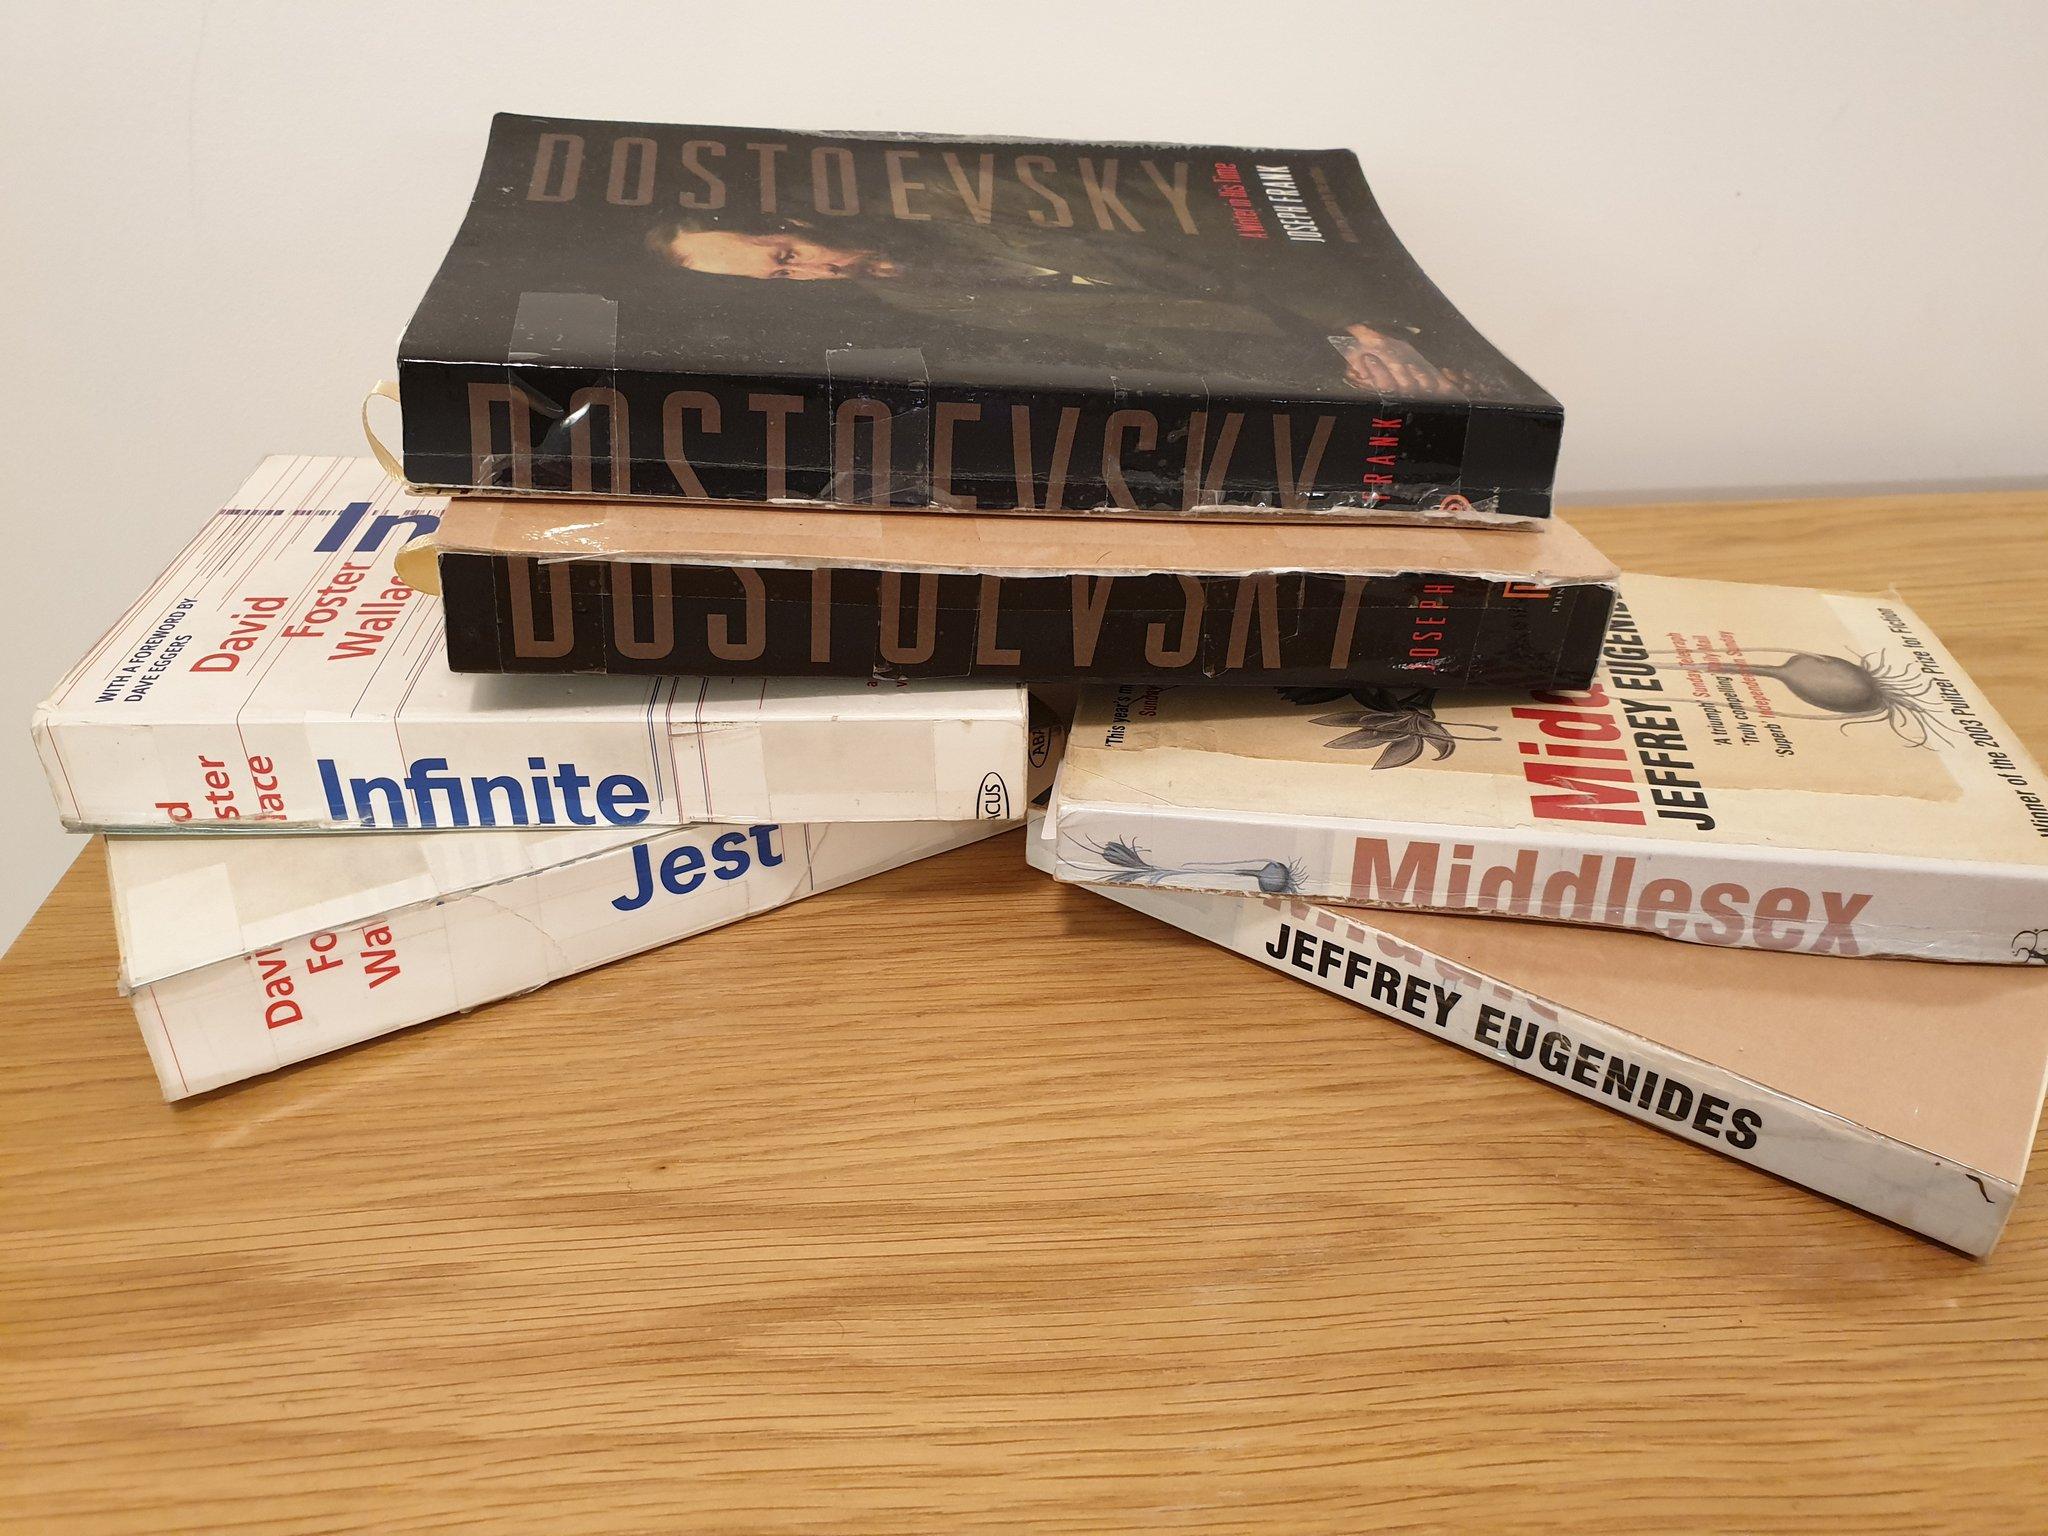 Elszabadult a pokol, miután egy író bevallotta, hogy a könnyebb hordozhatóság miatt félbevágja a vastagabb könyveket